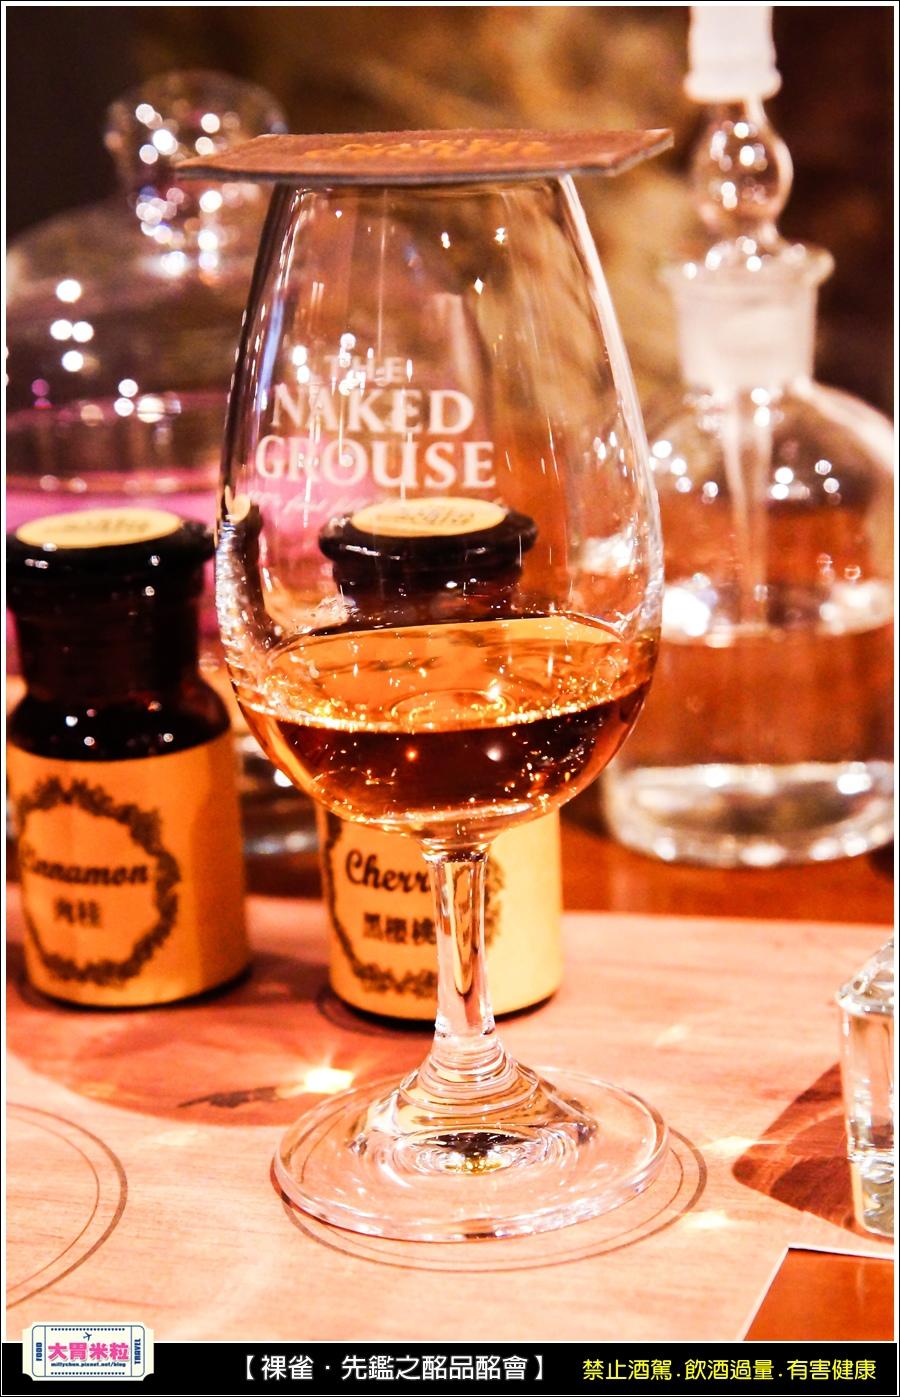 裸雀威士忌先鑑之酩品酩會@蘇格蘭威士忌推薦@初次雪莉桶@大胃米粒0039.jpg